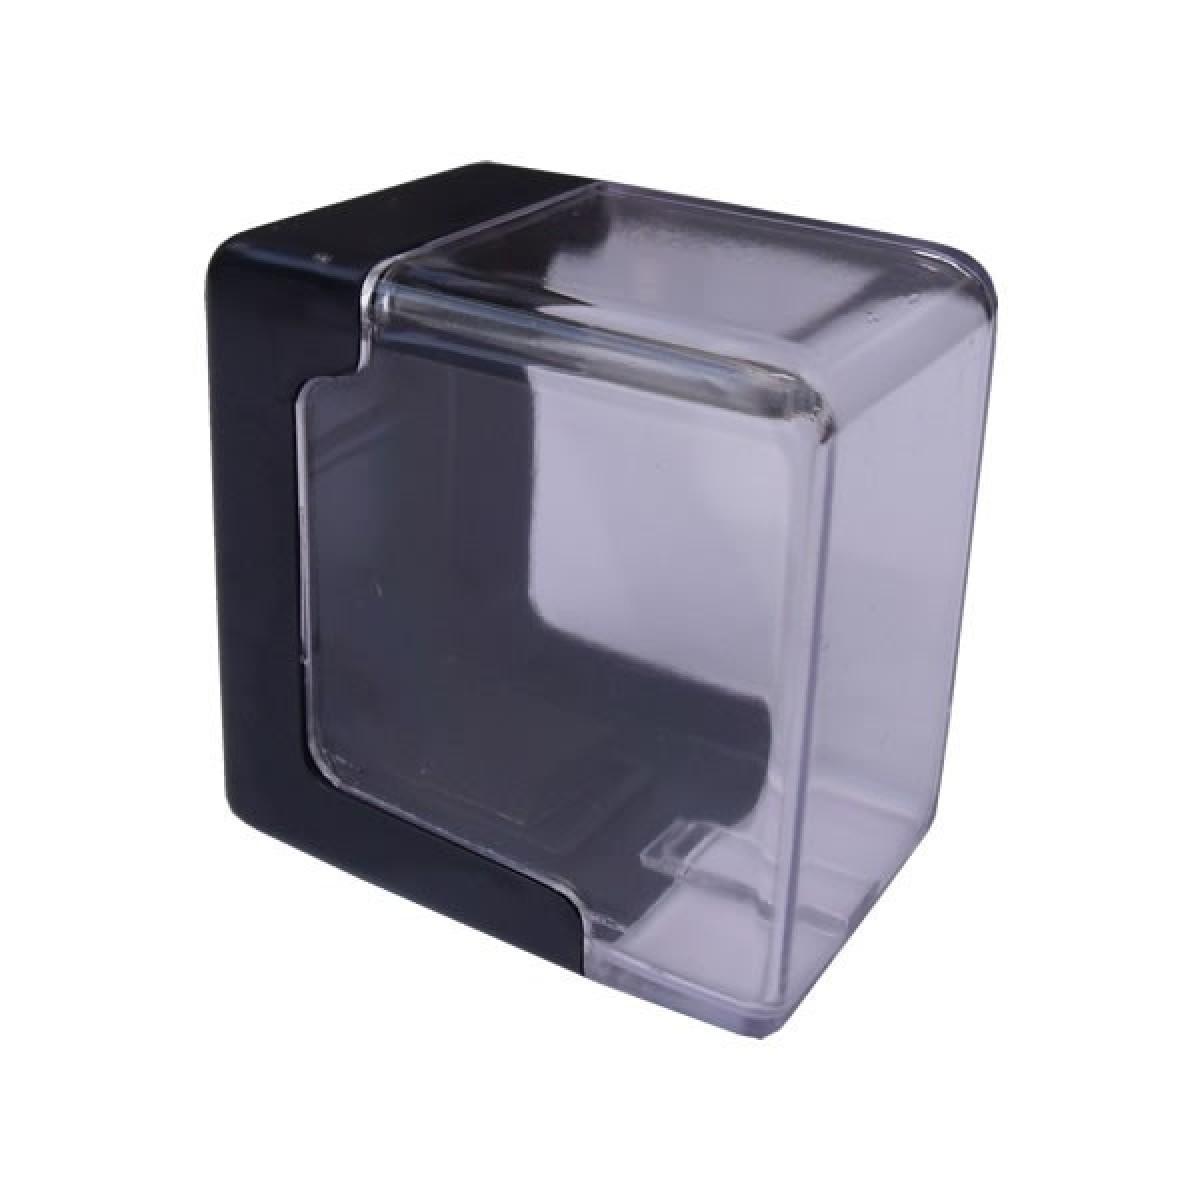 CAIXA  ACRÍLICA SMALL BOX  3000/5000 EMBALAGEM DE CARTUCHO